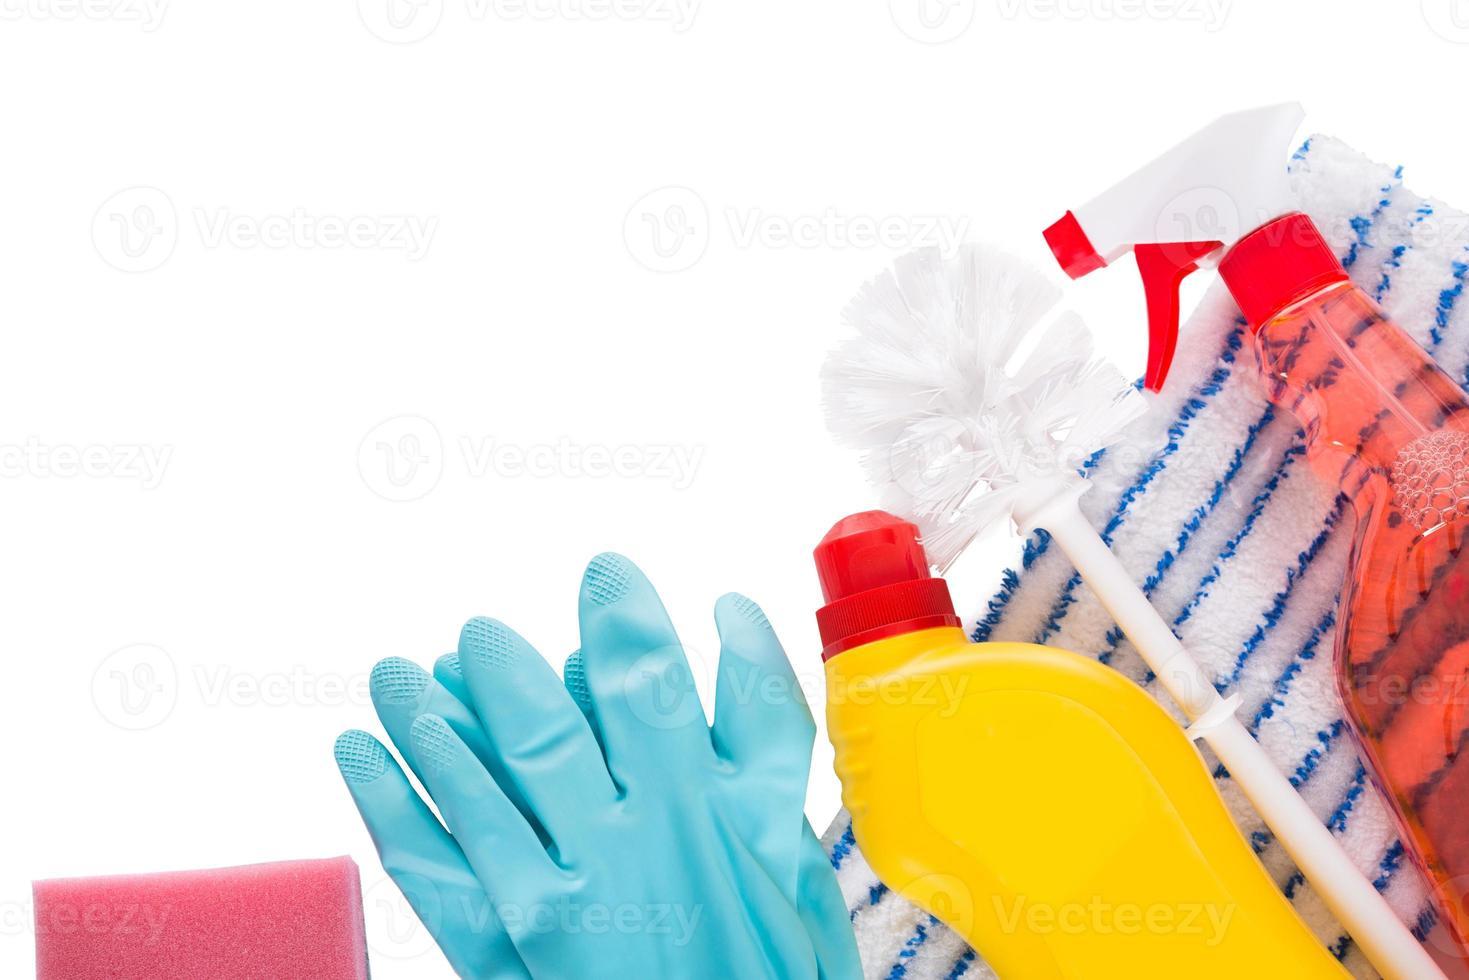 nettoyage des liquides et des fournitures photo